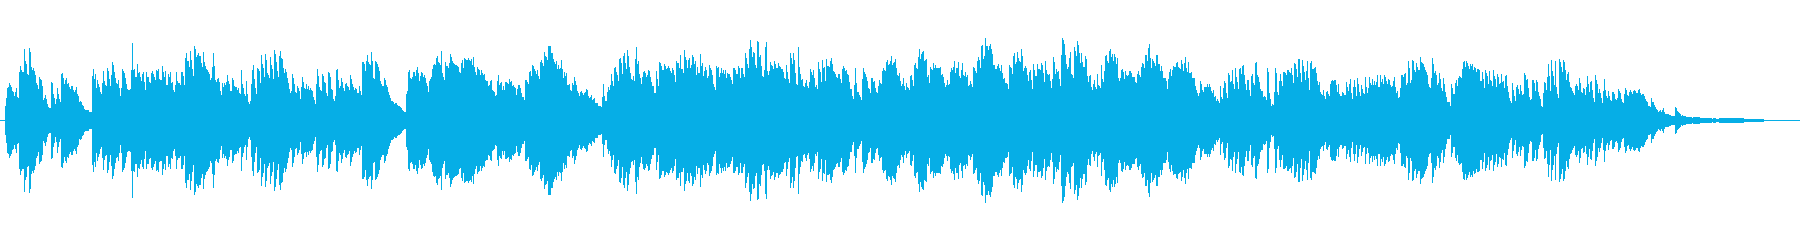 切ない夜をイメージした ピアノ・バラードの再生済みの波形